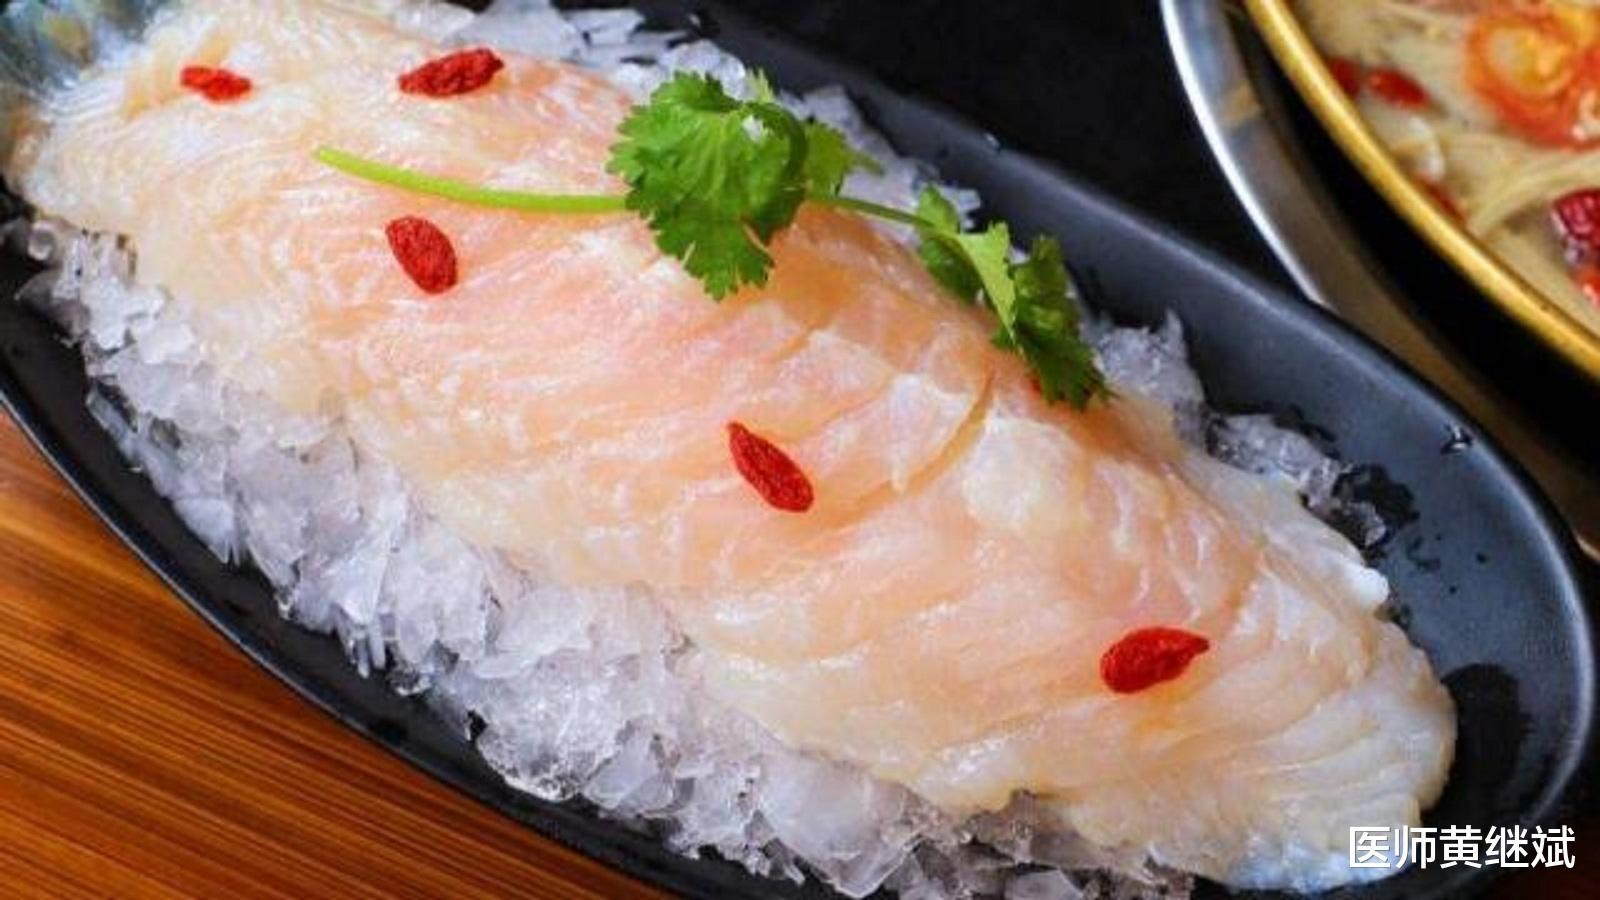 巴沙鱼为什么不能吃(巴沙鱼为什么脏)